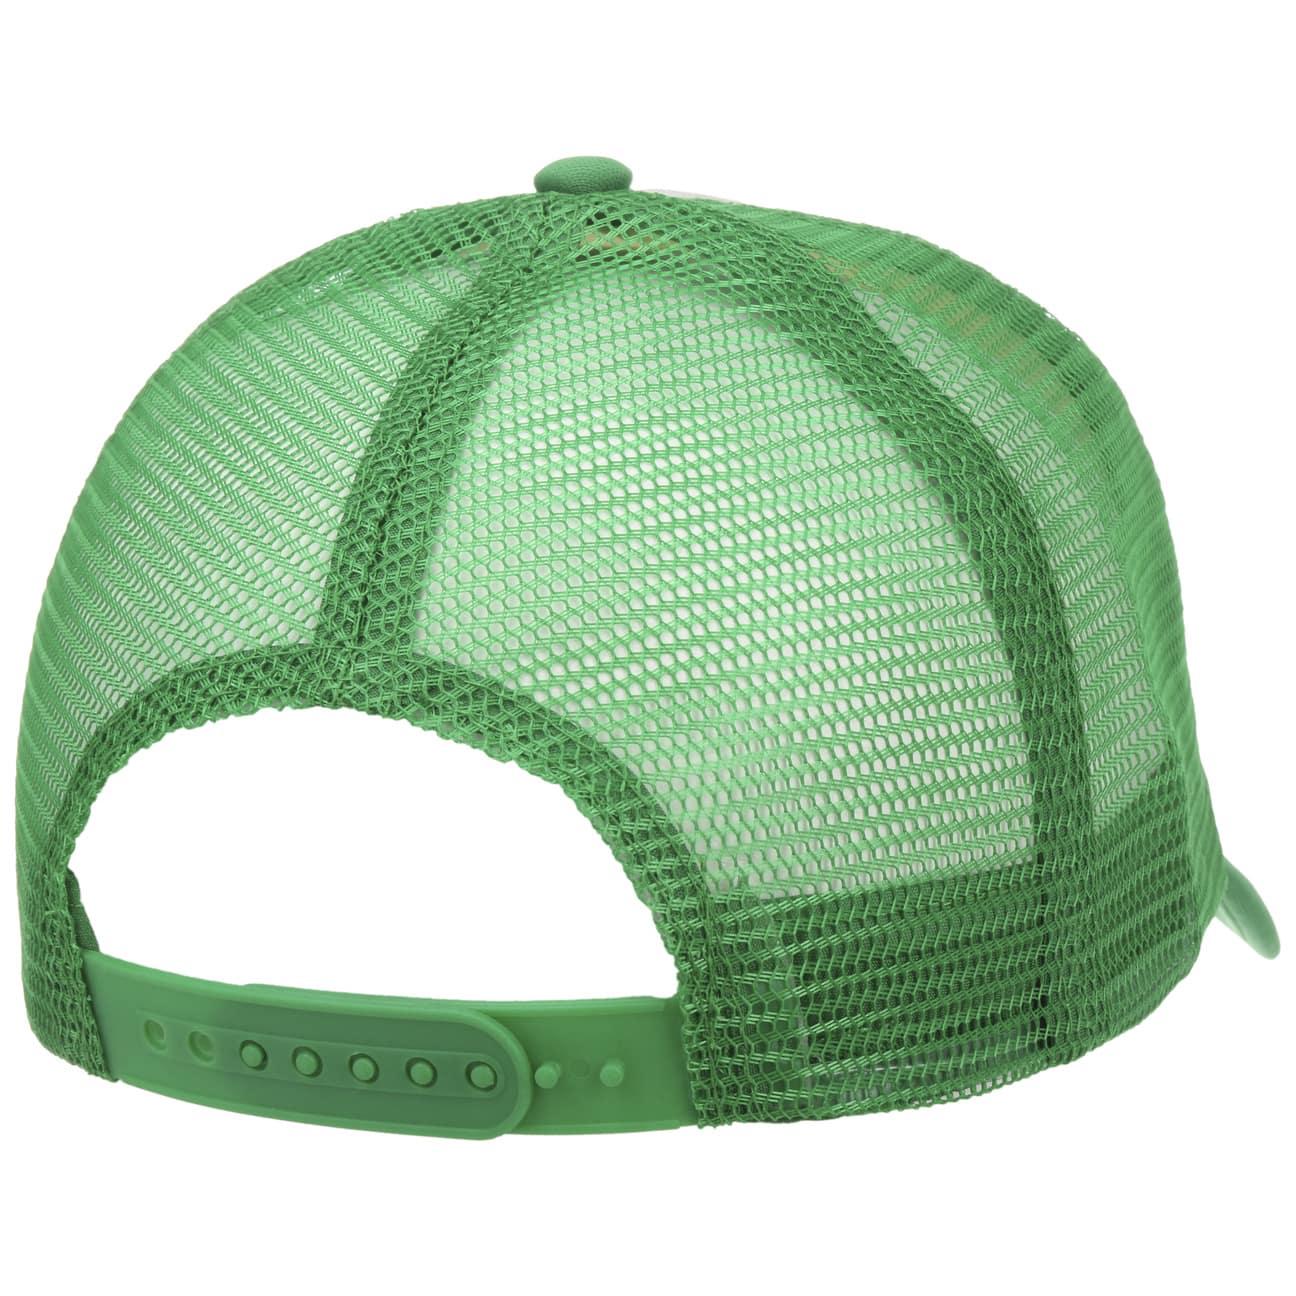 cbaa1f17a43 ... 70s Rapper Mesh Cap - green 4 ...